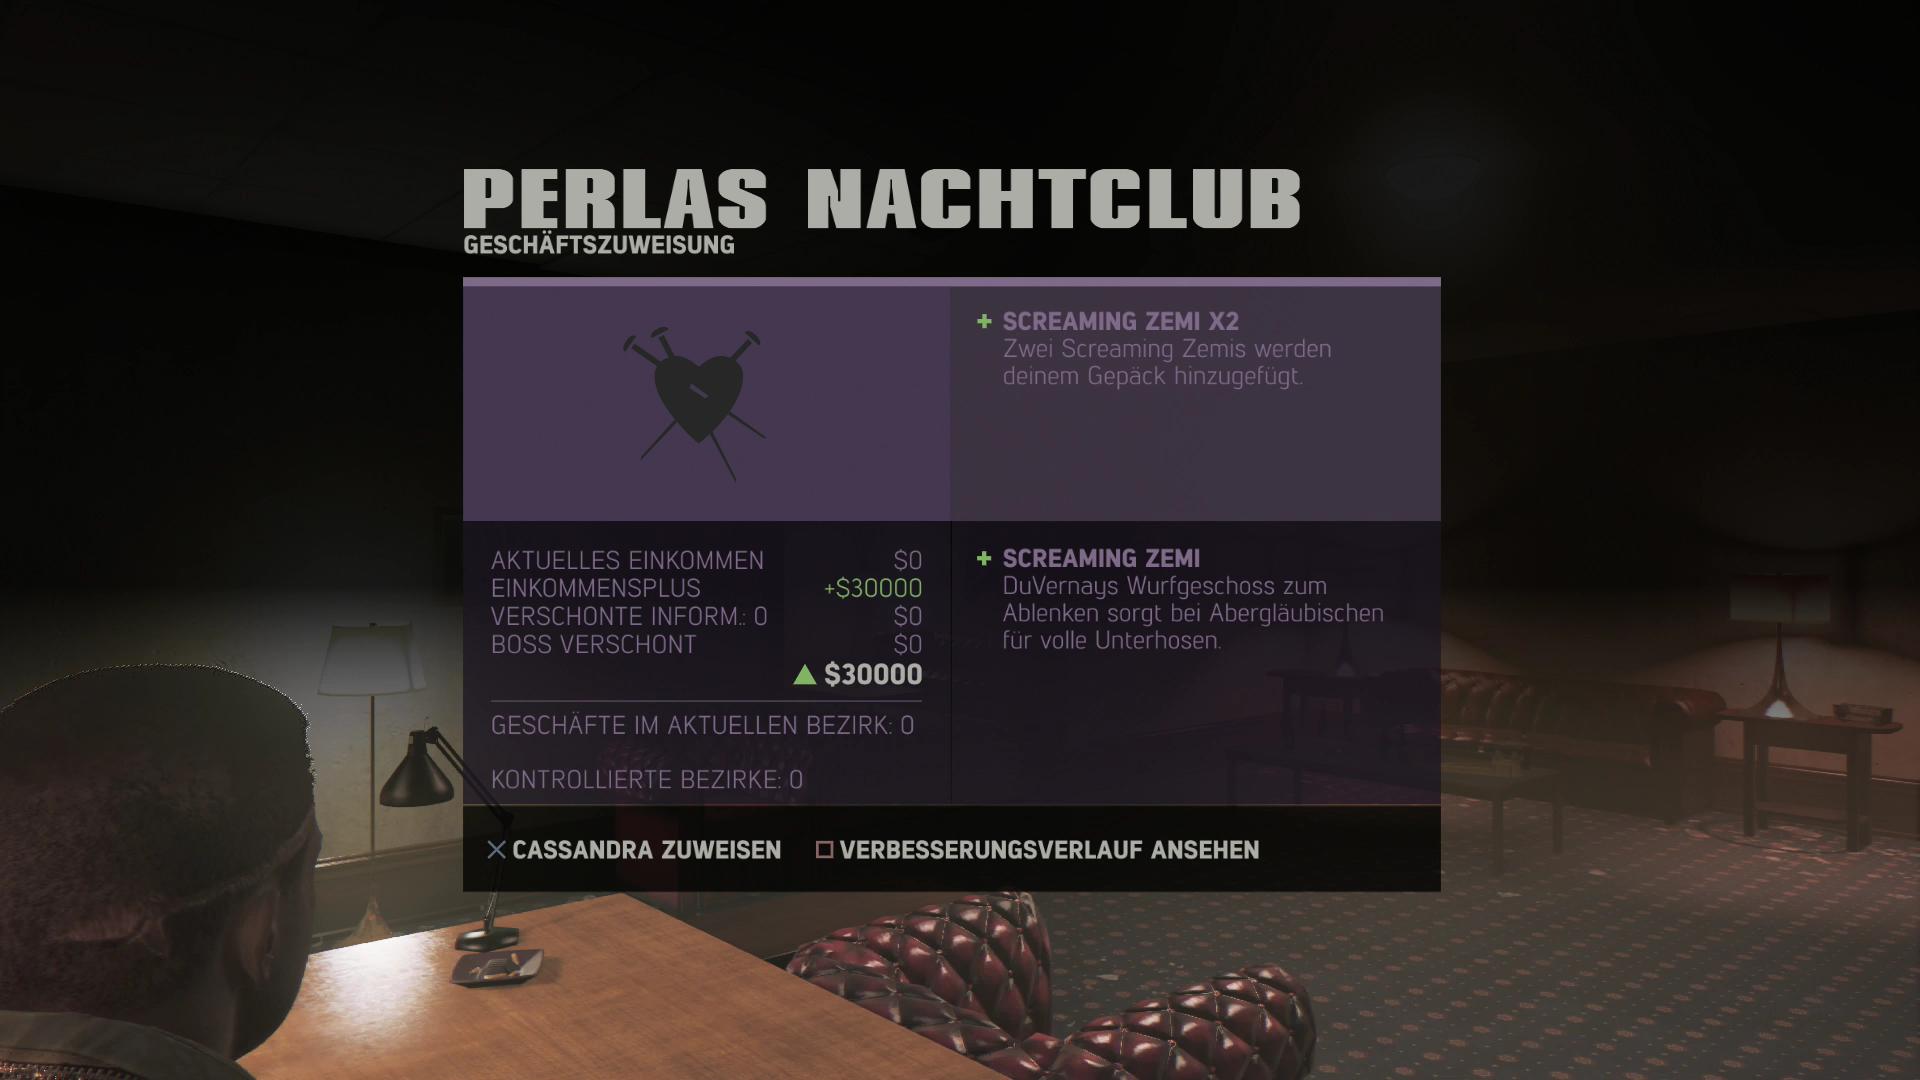 Mafia 3 im Test: Sex, Drogen und Rassismus - Unser Stripclub wird von Cassandra verwaltet. (Screenshot: Golem.de)